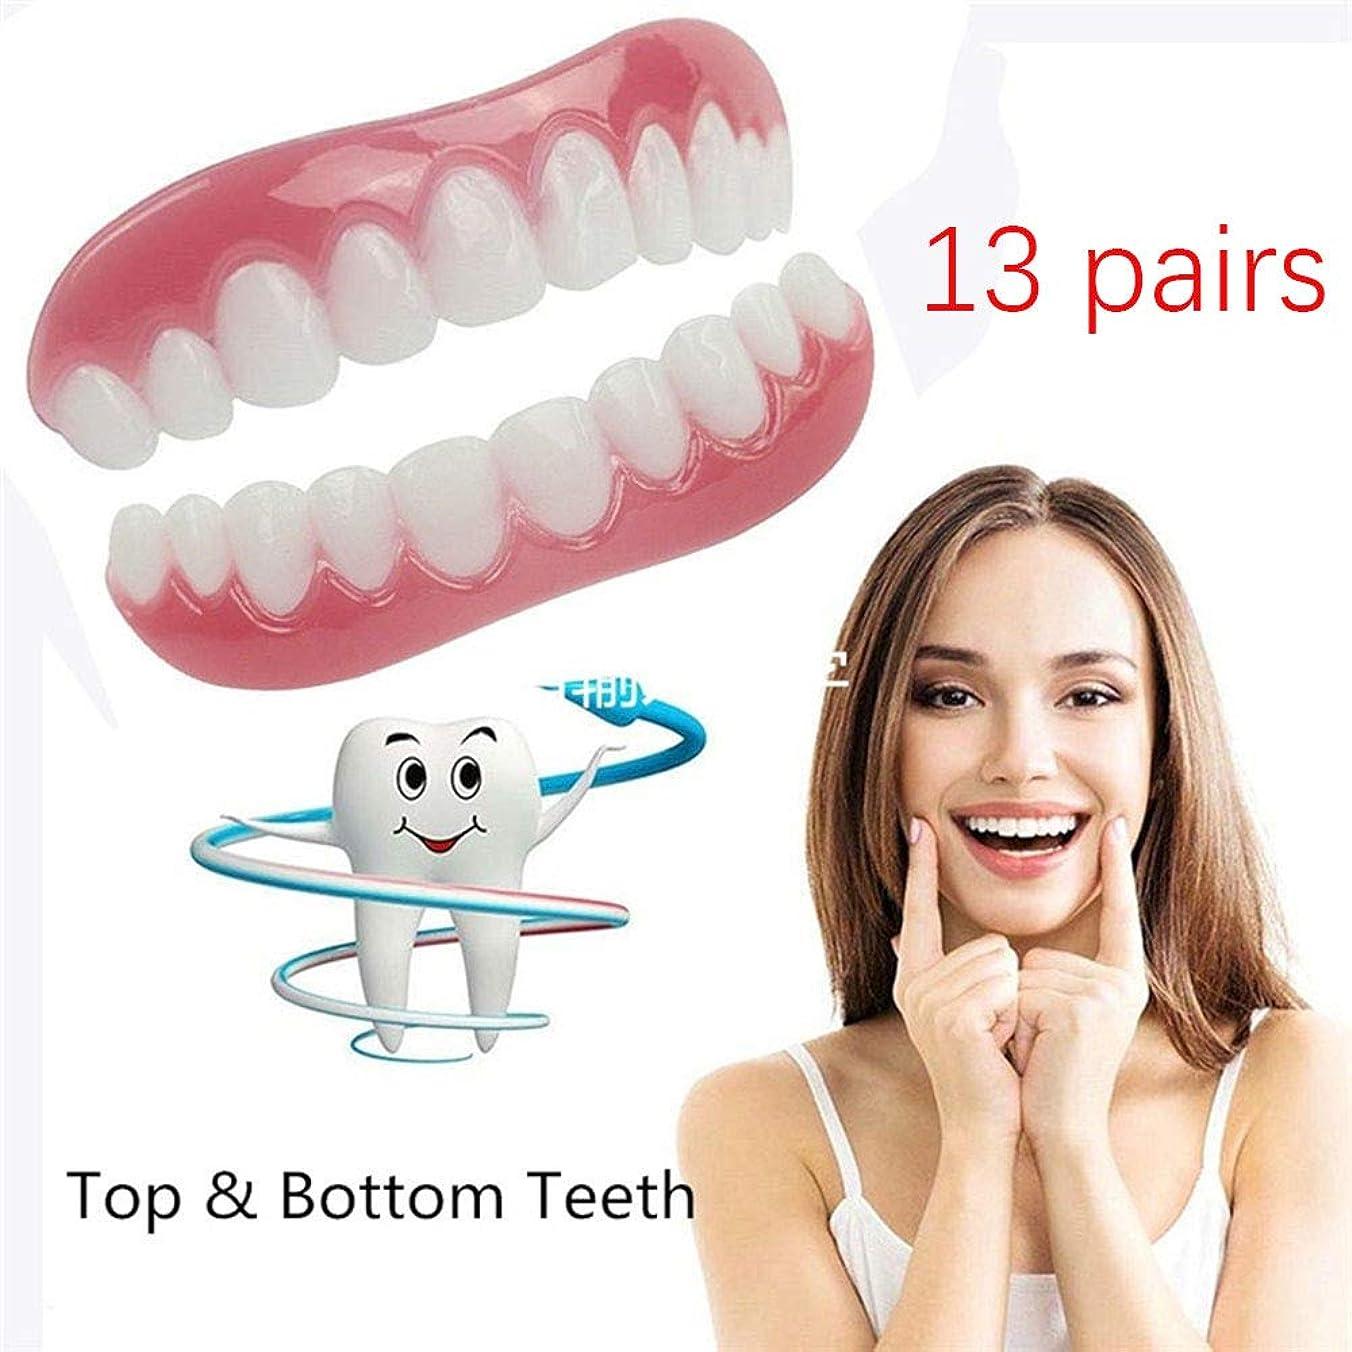 レンダー機械的民族主義13組の歯の快適フィットフレックス化粧品の歯義歯の歯の化粧品のベニヤシミュレーションブレース、悪い歯のための完璧な笑顔のベニヤ(下+上)